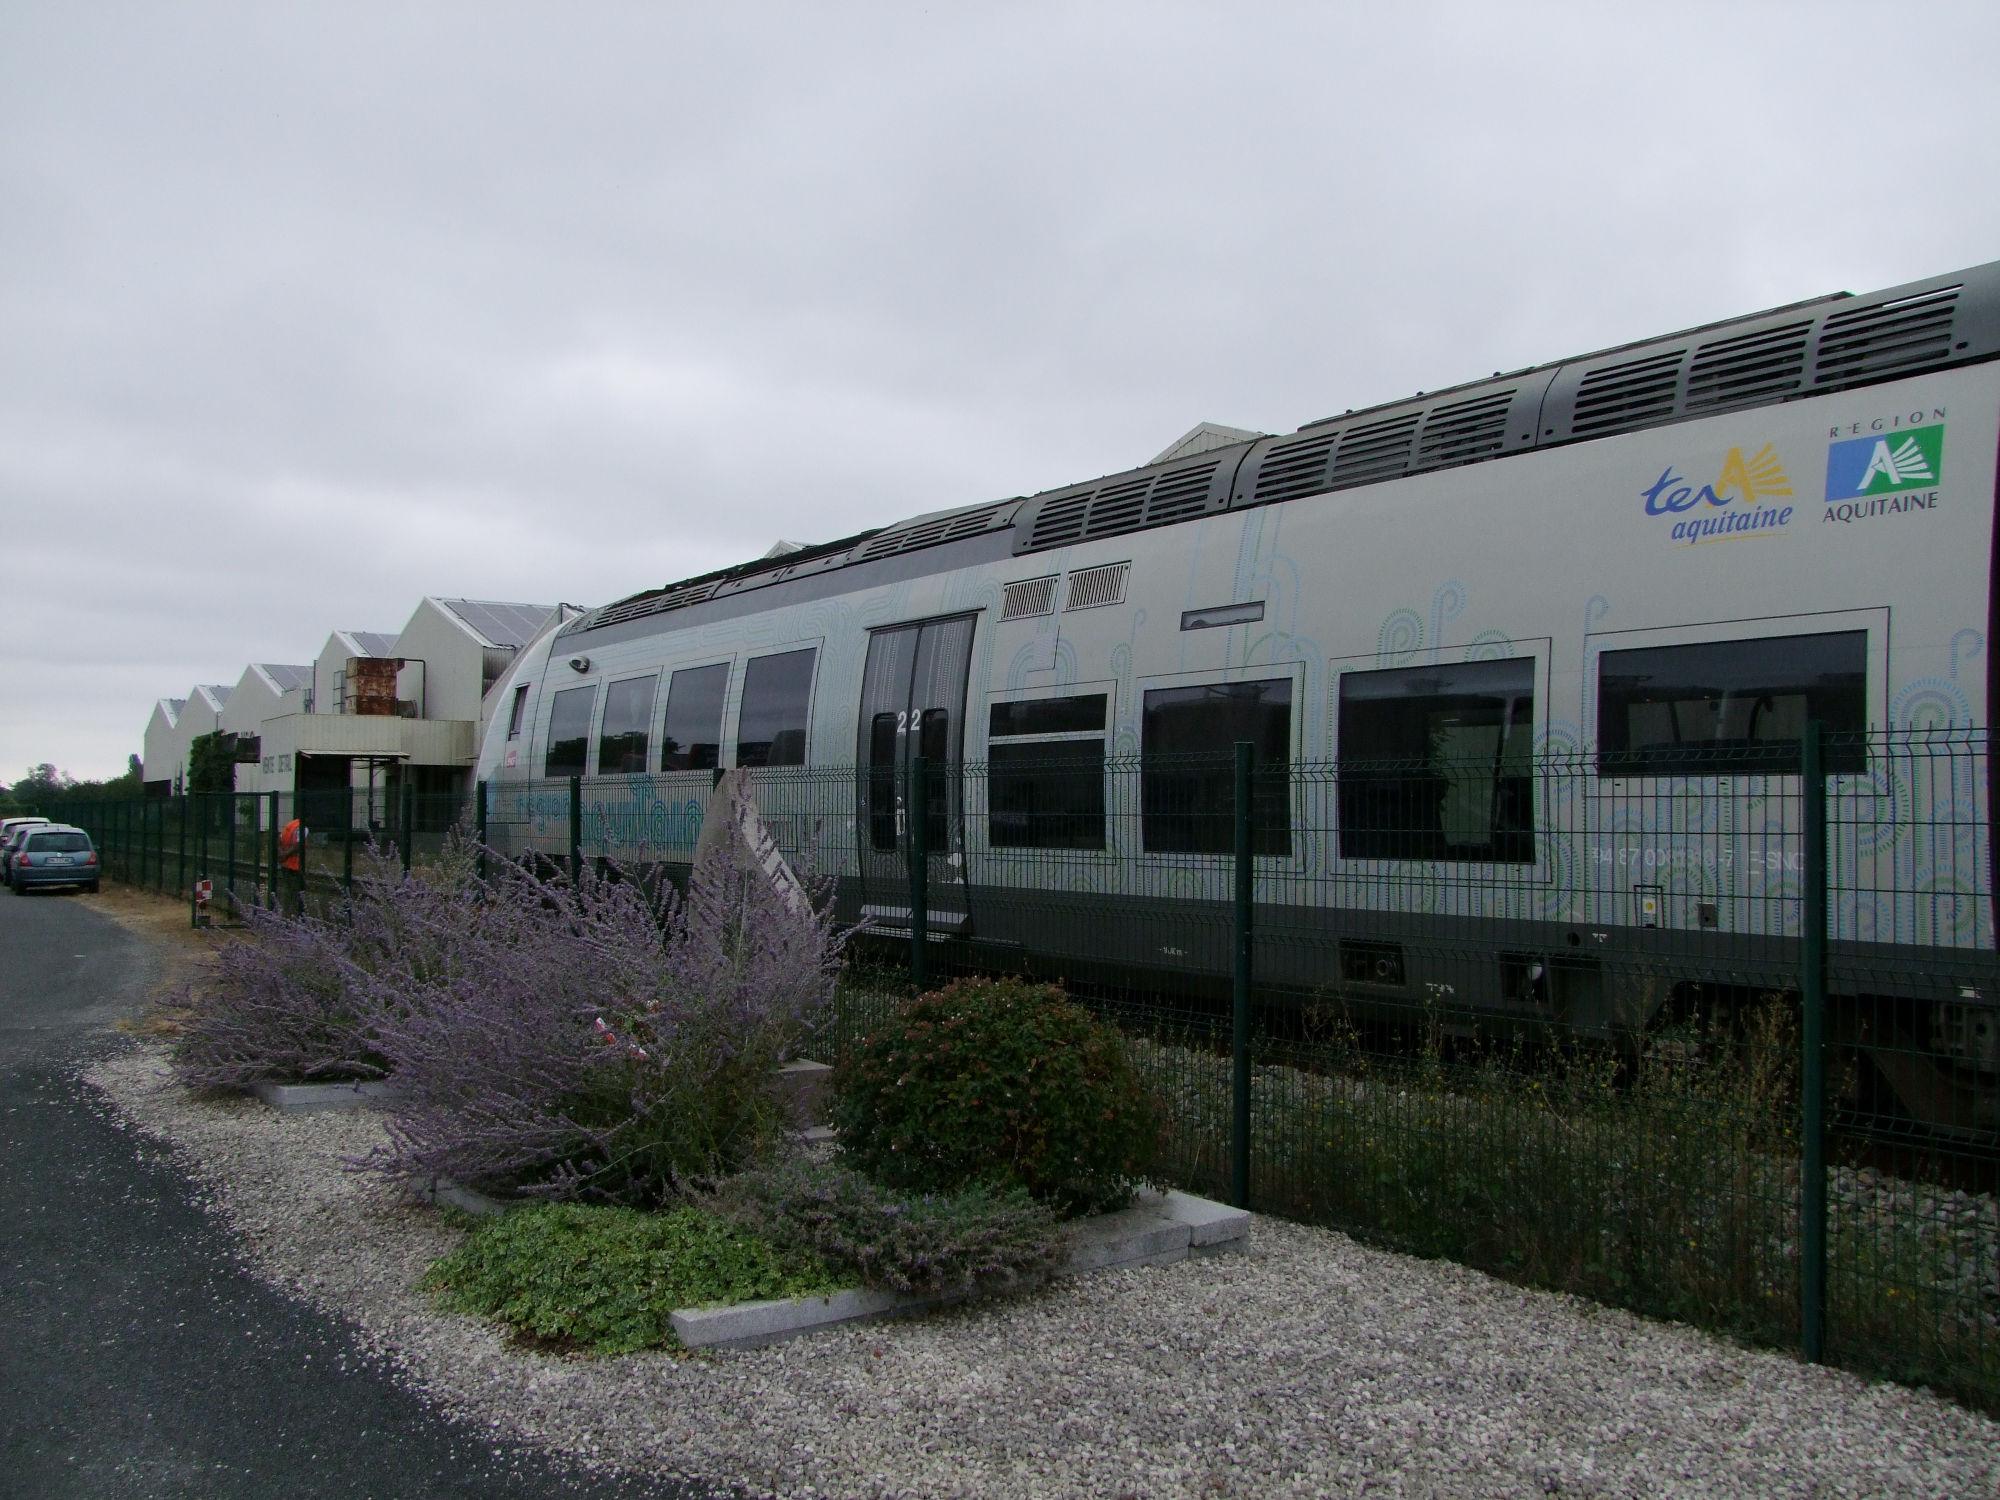 20210908 - Train aux 4 Ormeaux